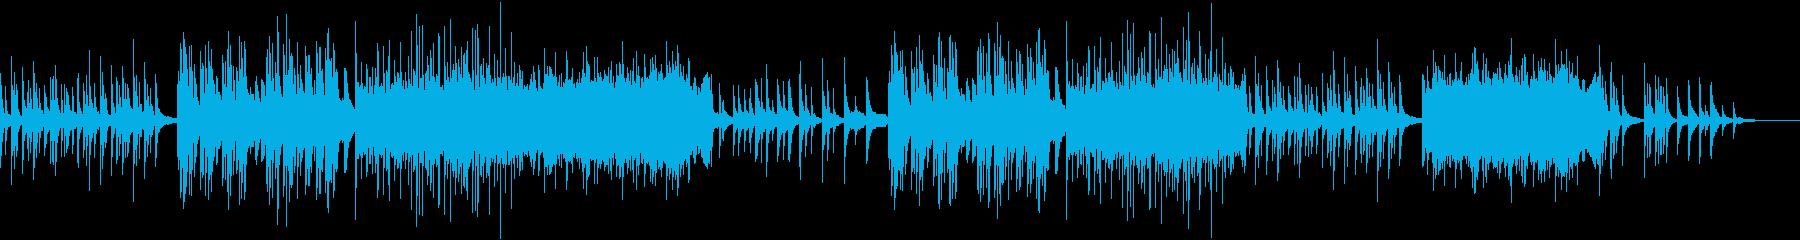 儚げなピアノと琴の和を感じるシンプルな曲の再生済みの波形